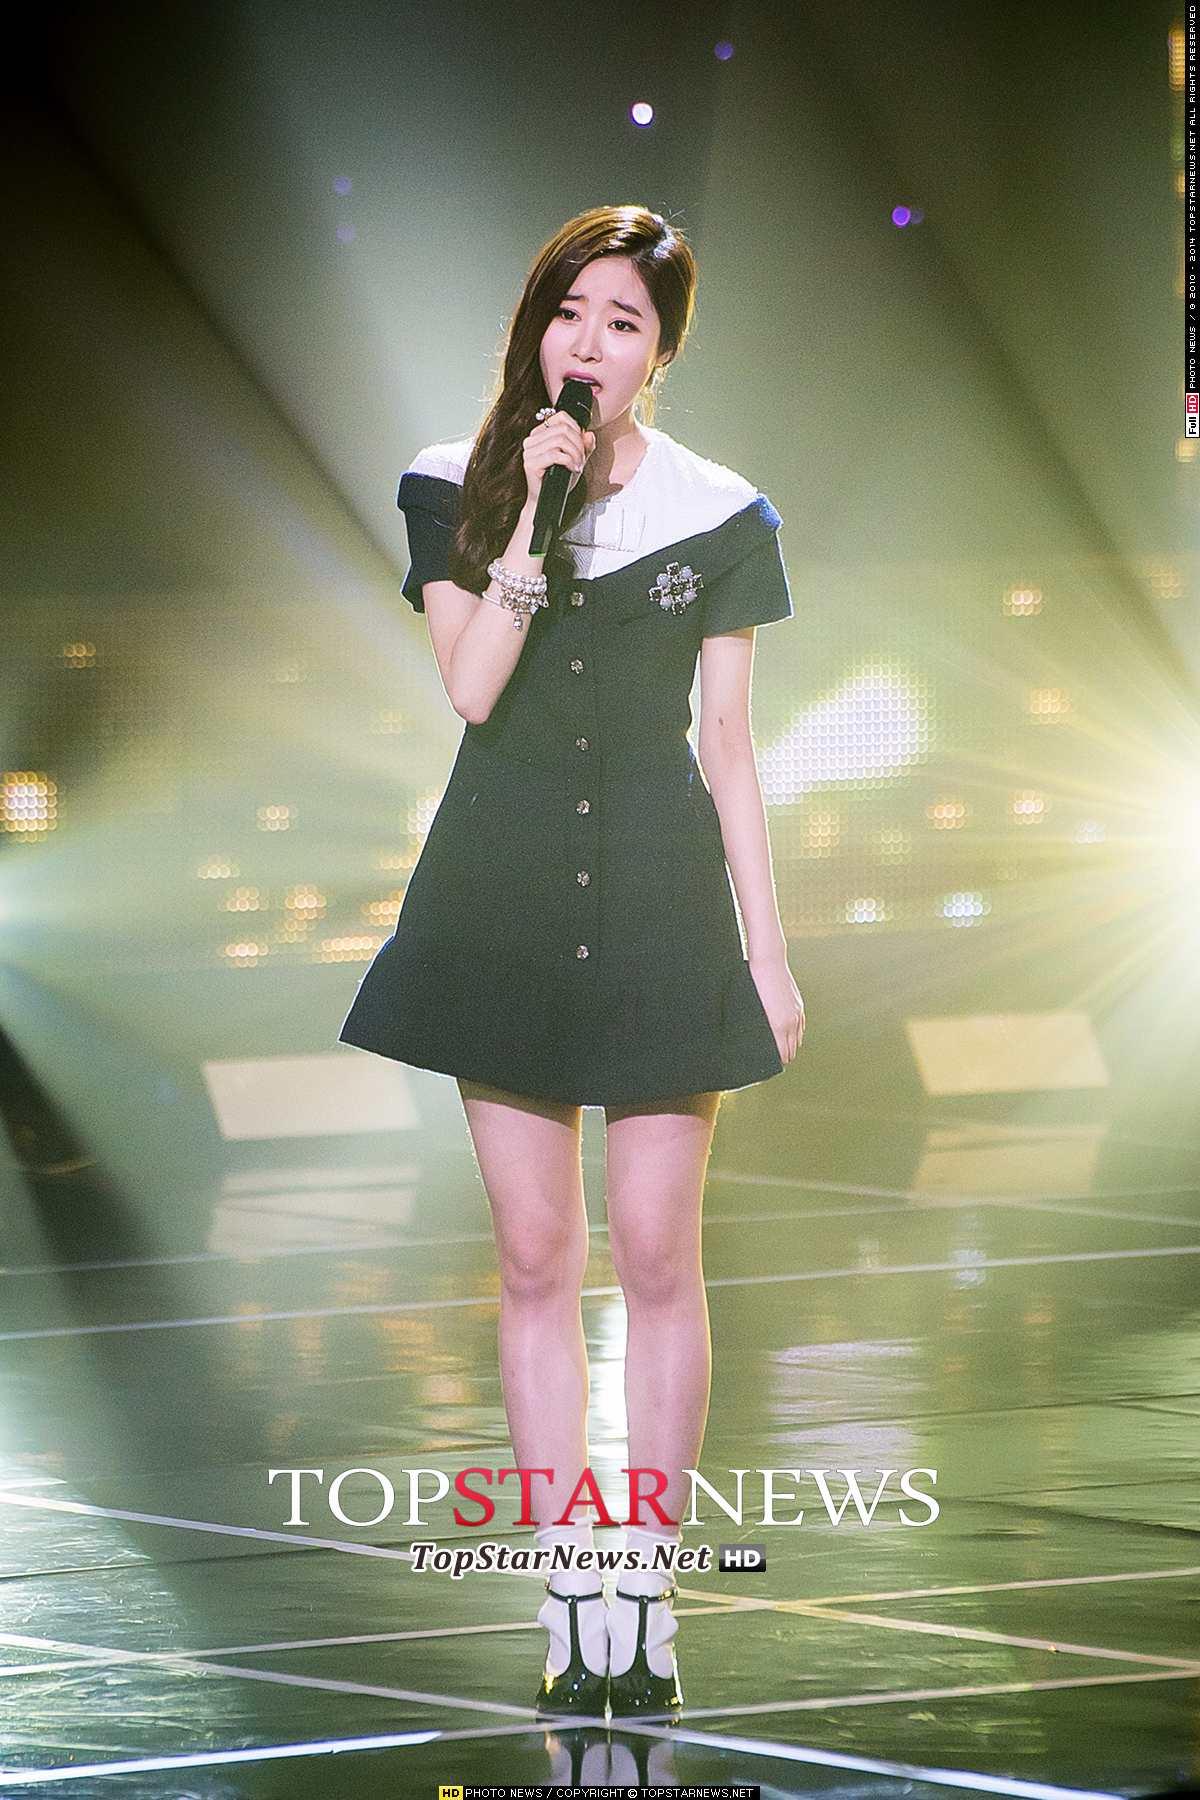 最後是2014年出道的女團Melody Day - 車熙(차희)(本名:朴秀英/박수영)